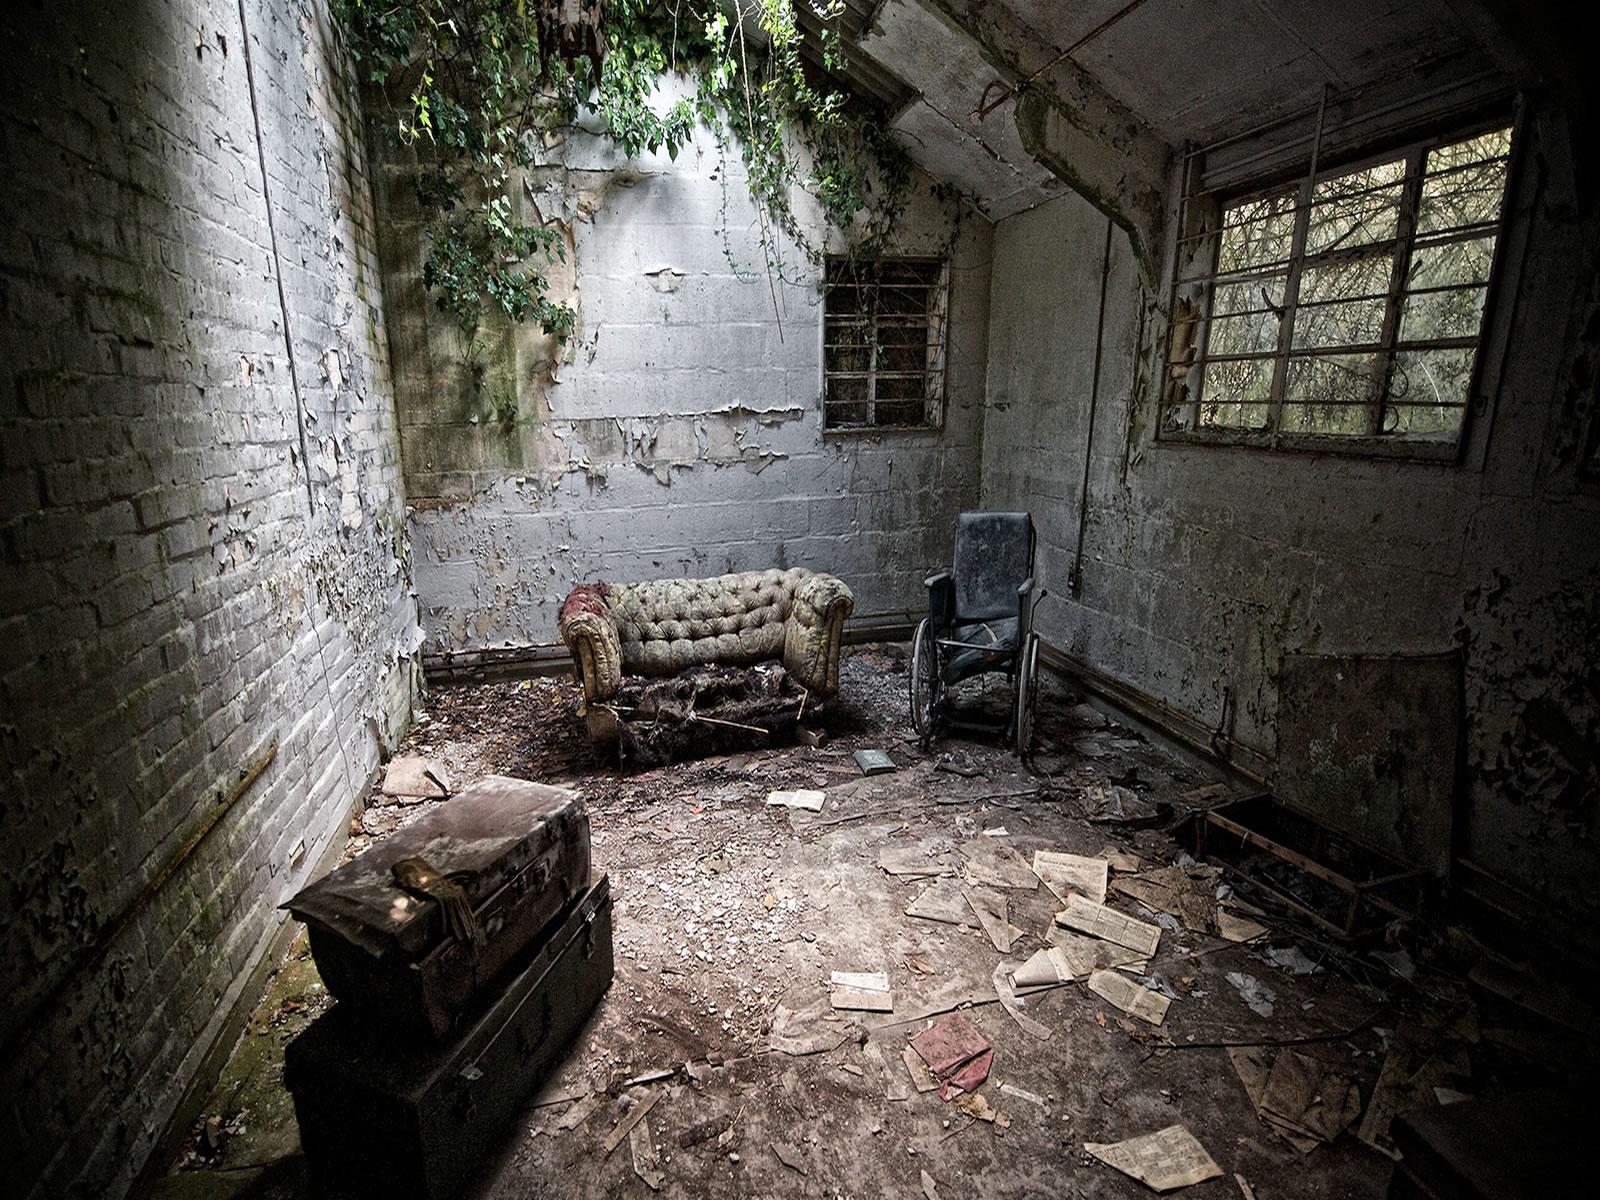 V design de interiores e decora o casas abandonadas for Creador de casas